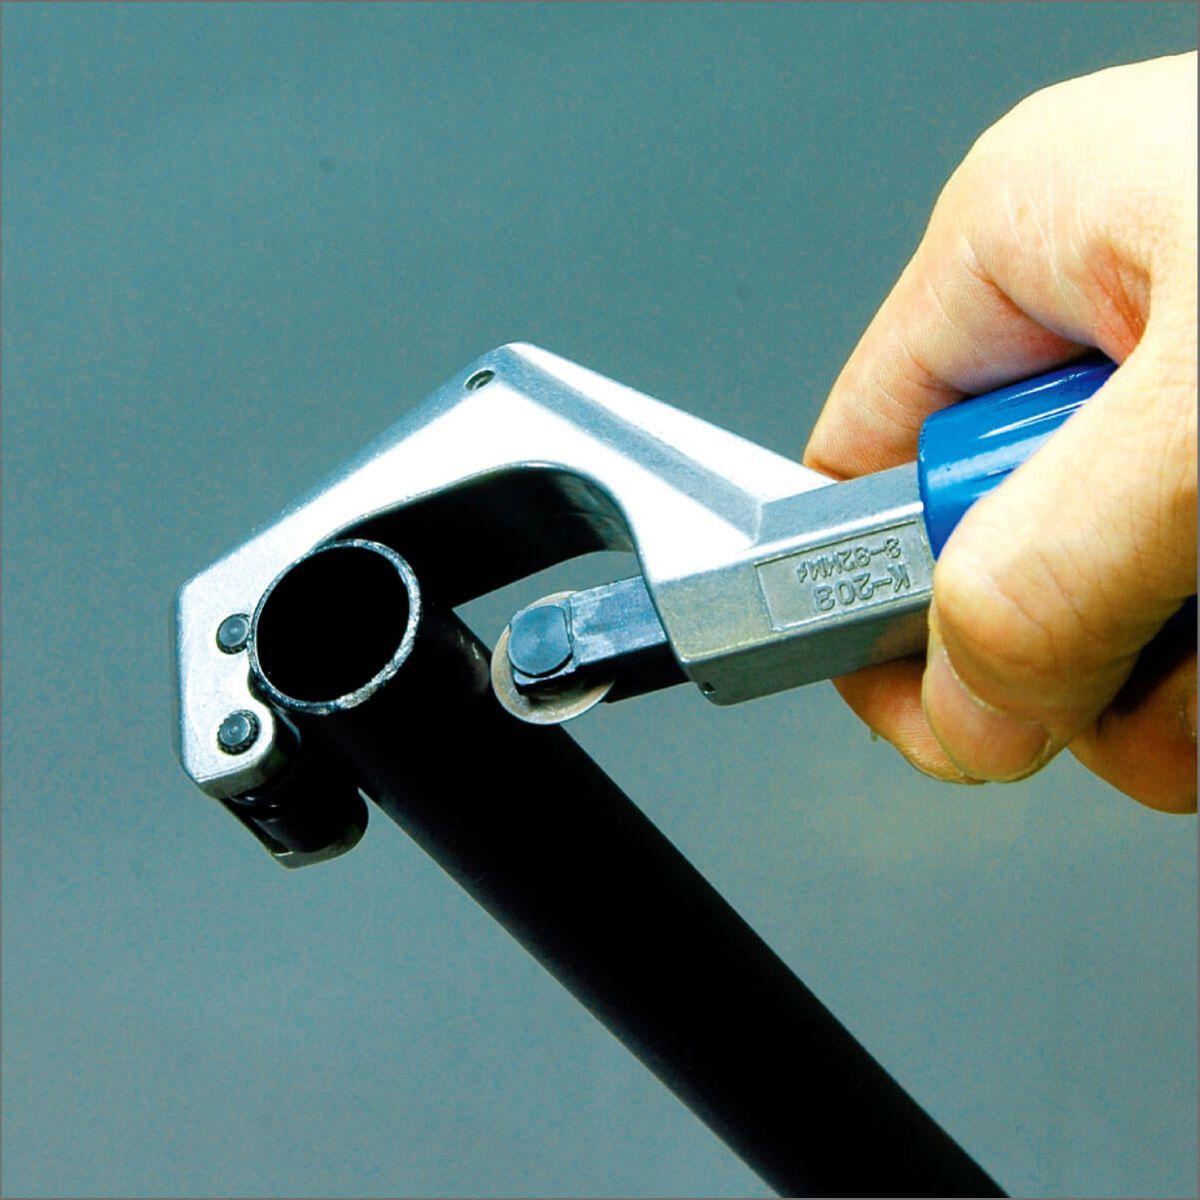 hozan pipe cutter k203 hss 332mm blue